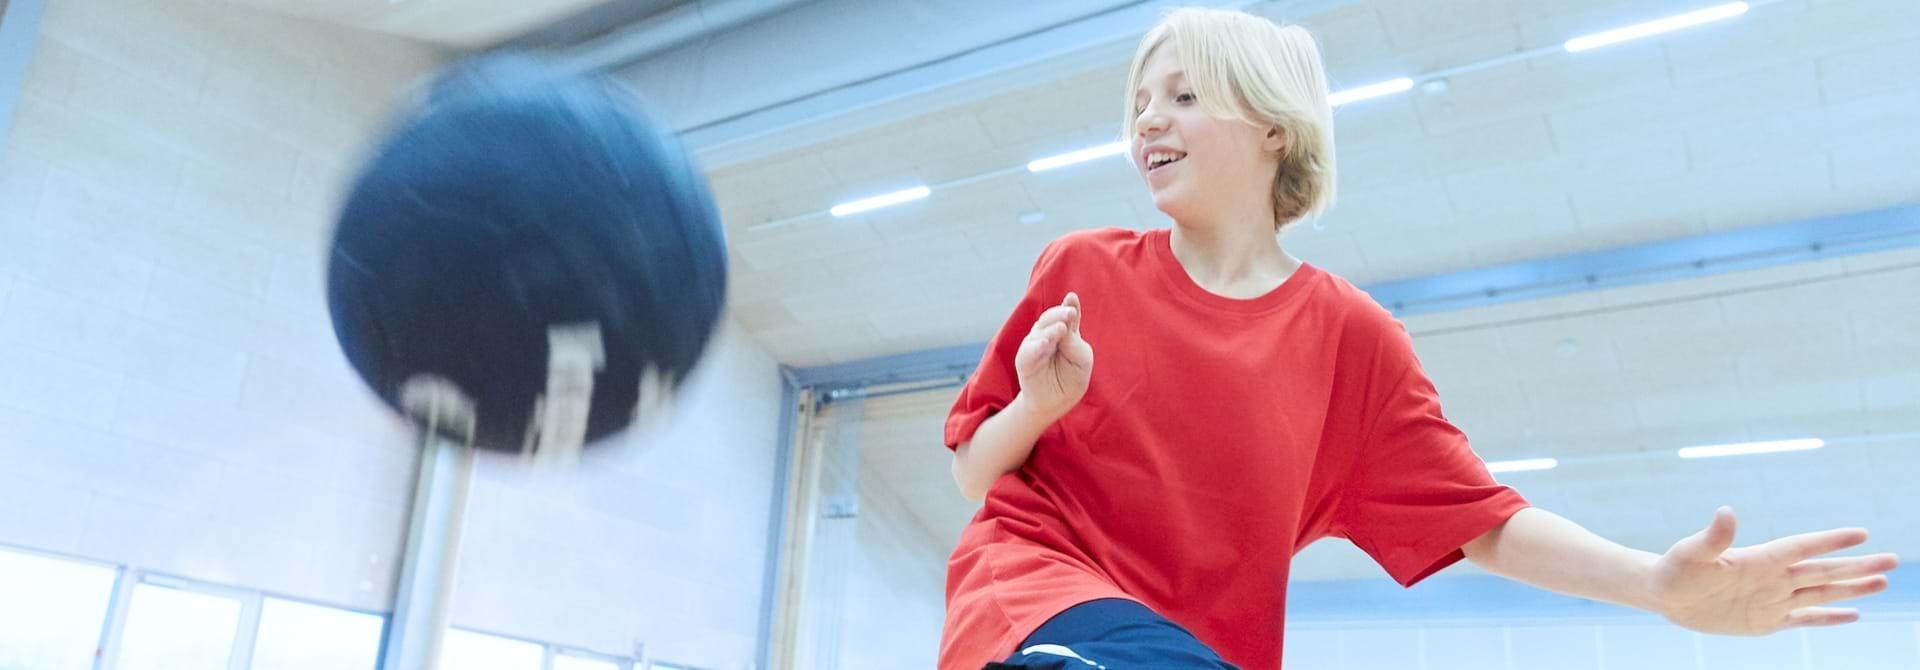 Dreng med cerebral parese spiller fodbold